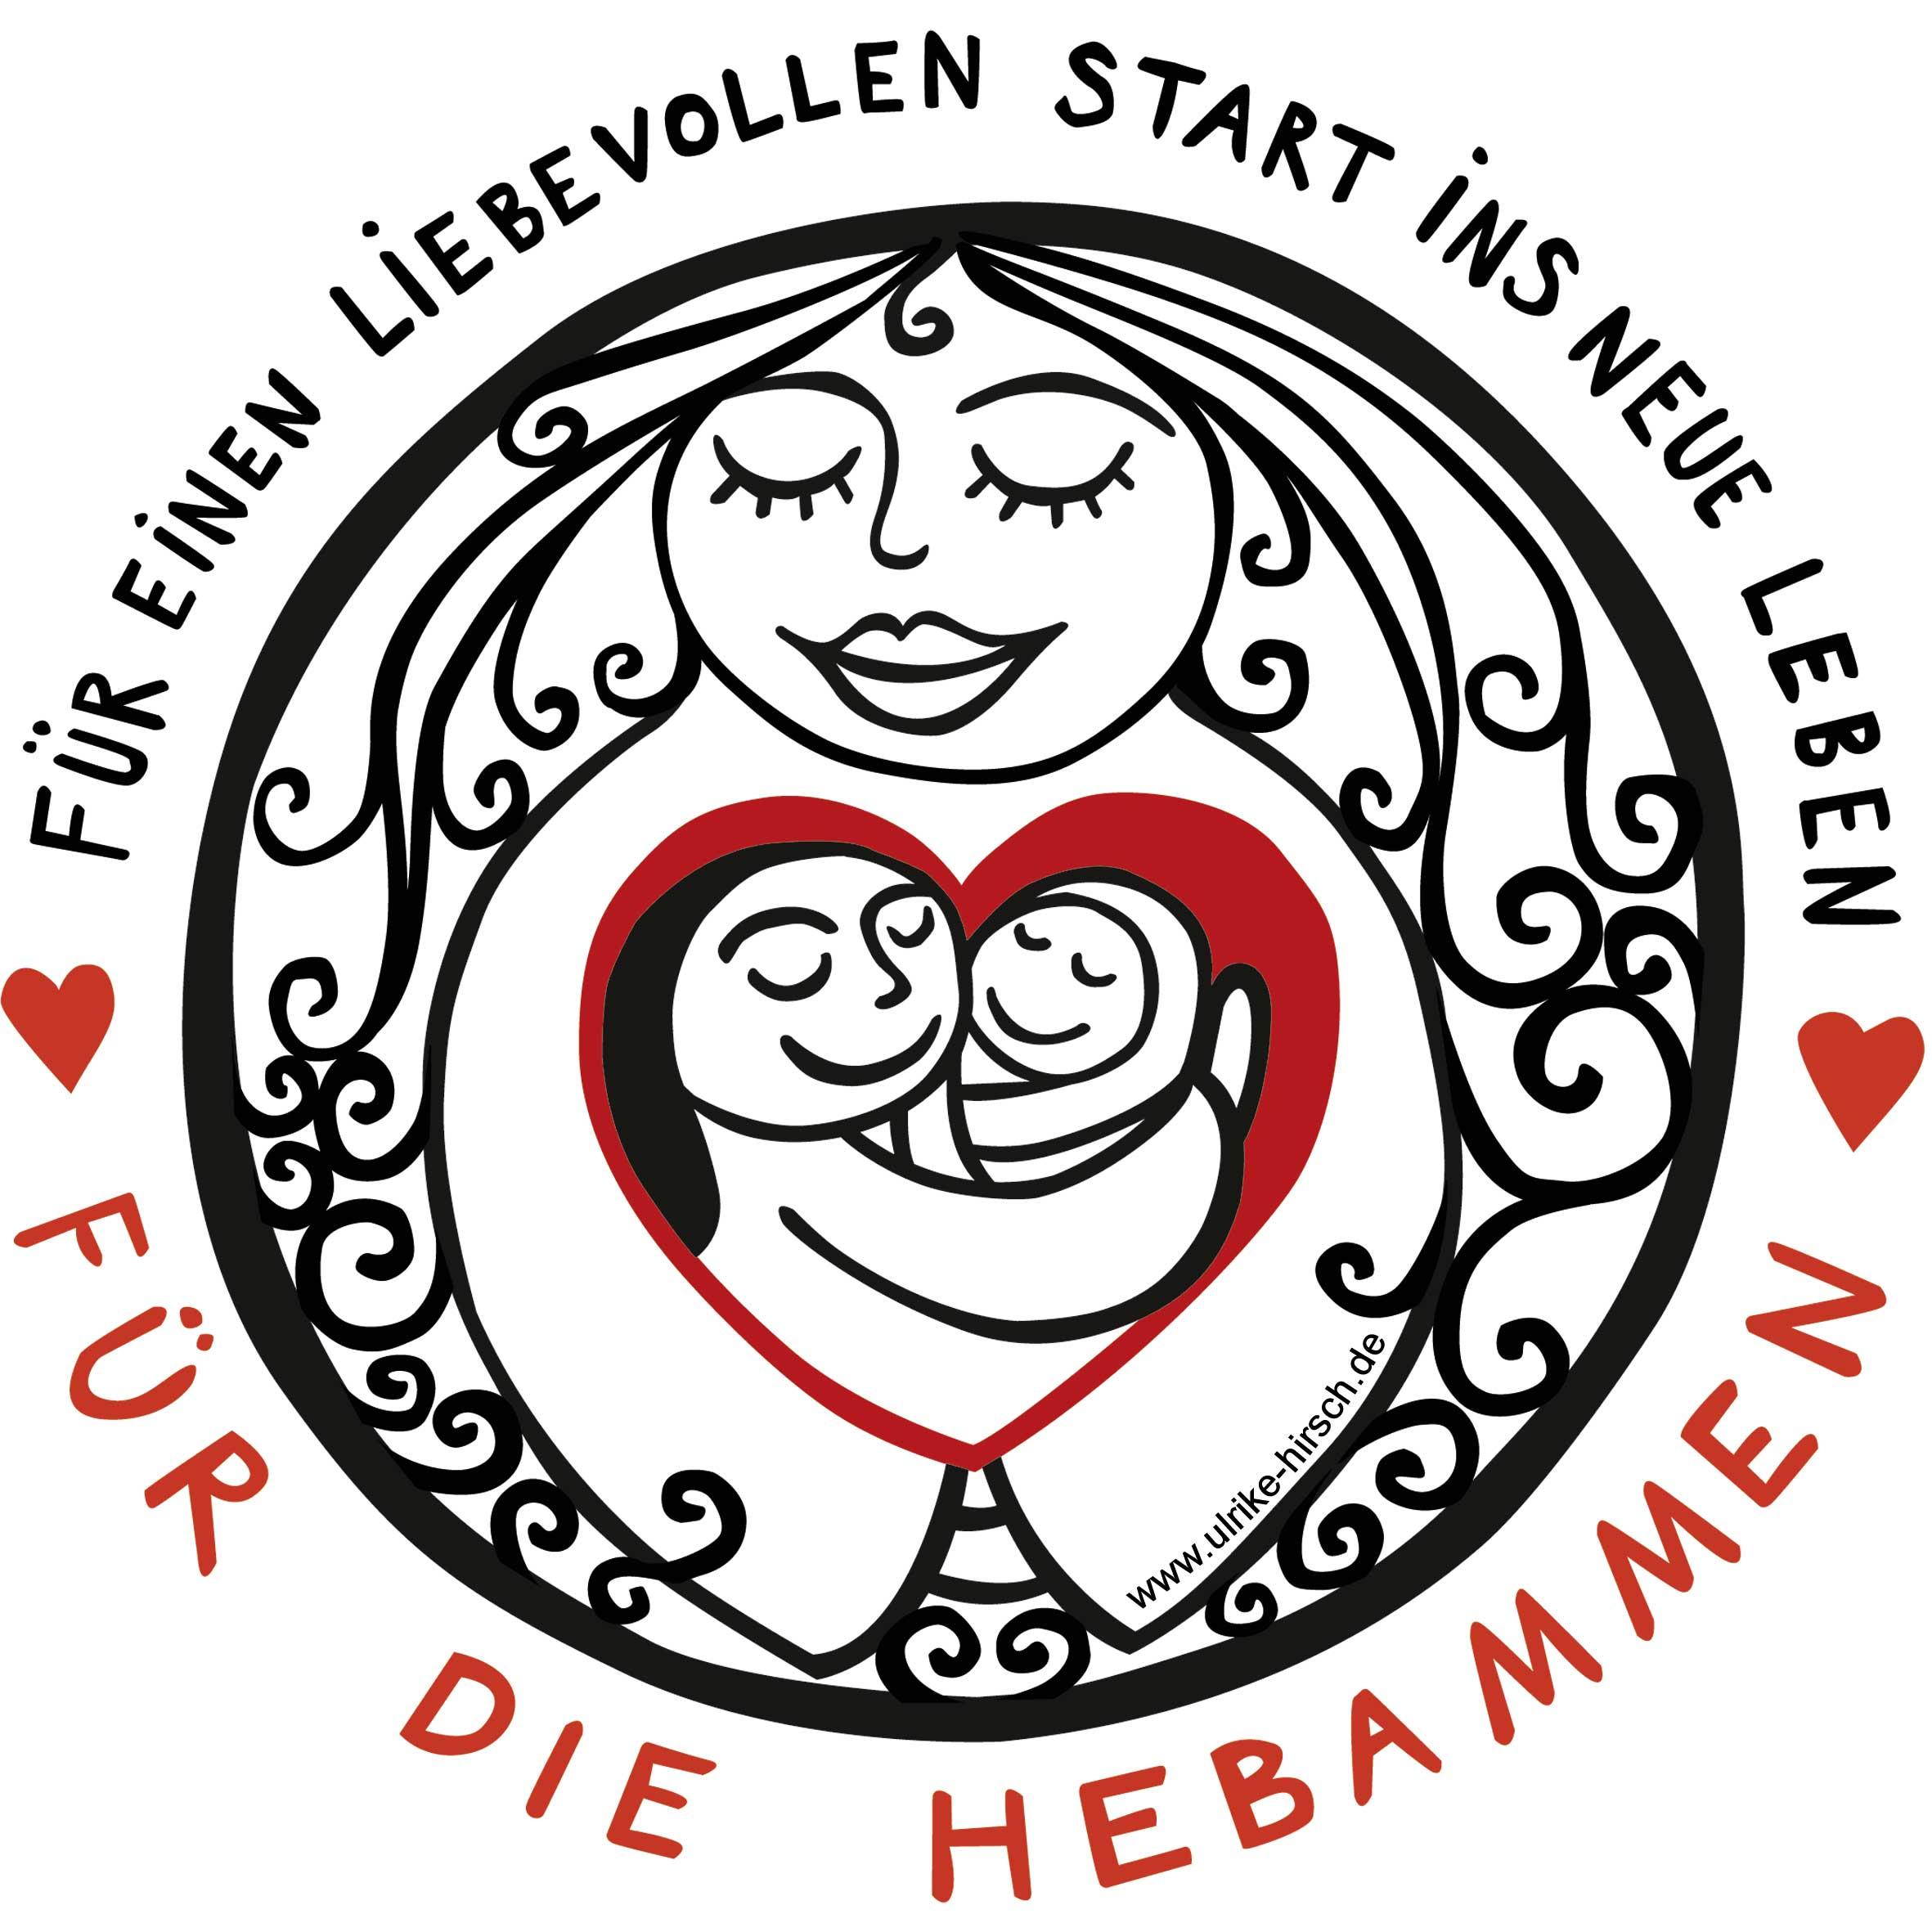 HebammenLOGO_Ulrike_Hirsch